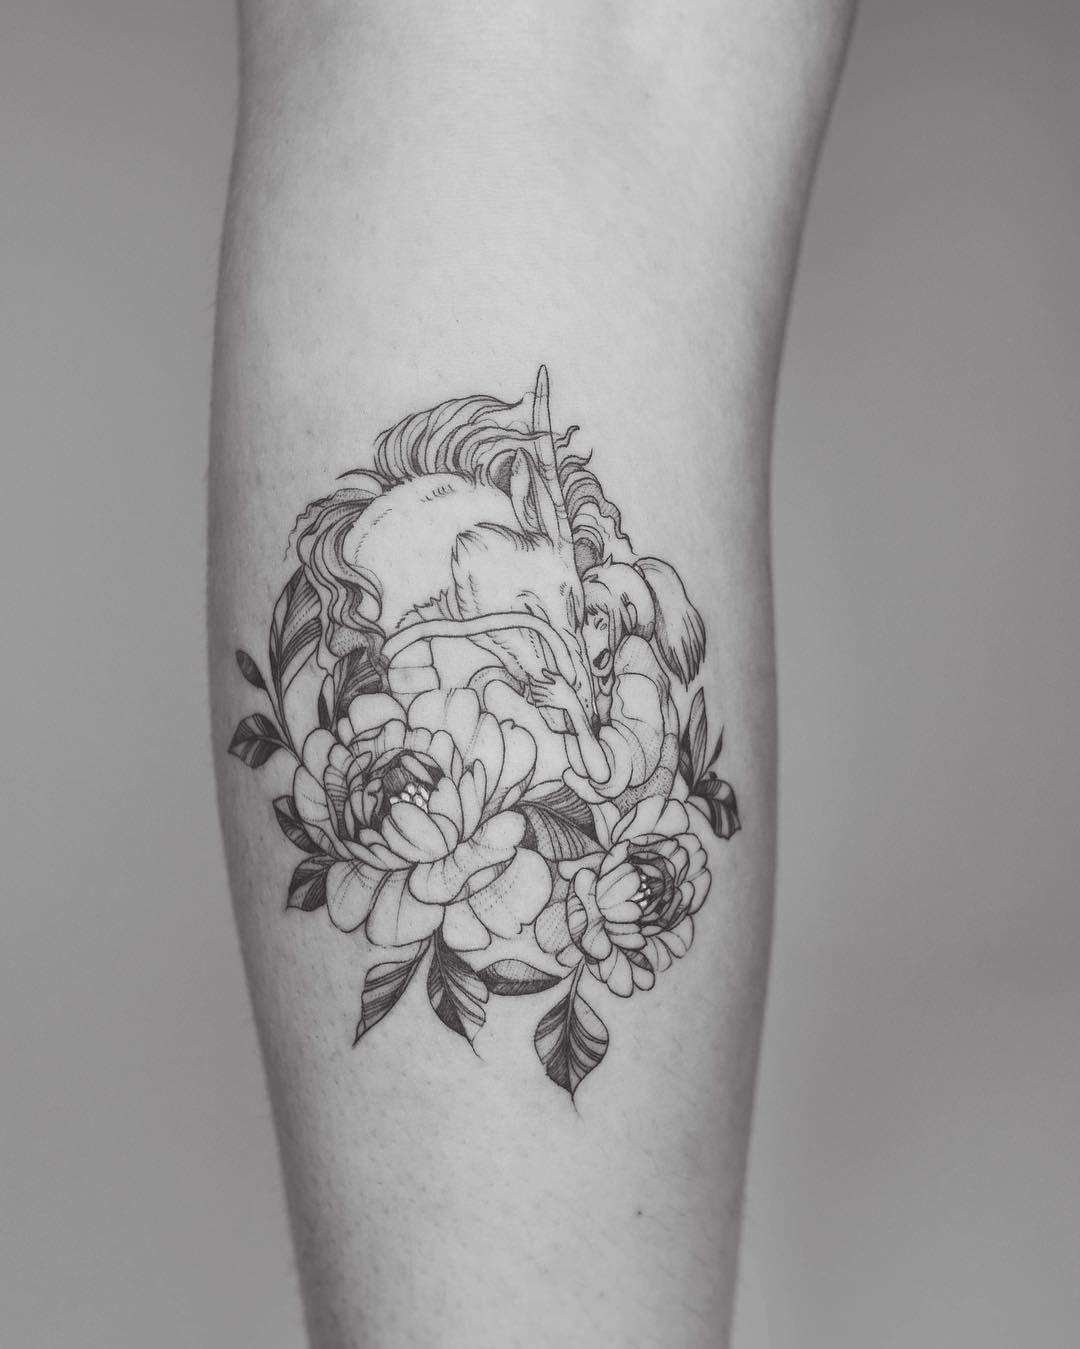 Studio Ghibli Spirited Away Tattoos Best Tattoo Ideas